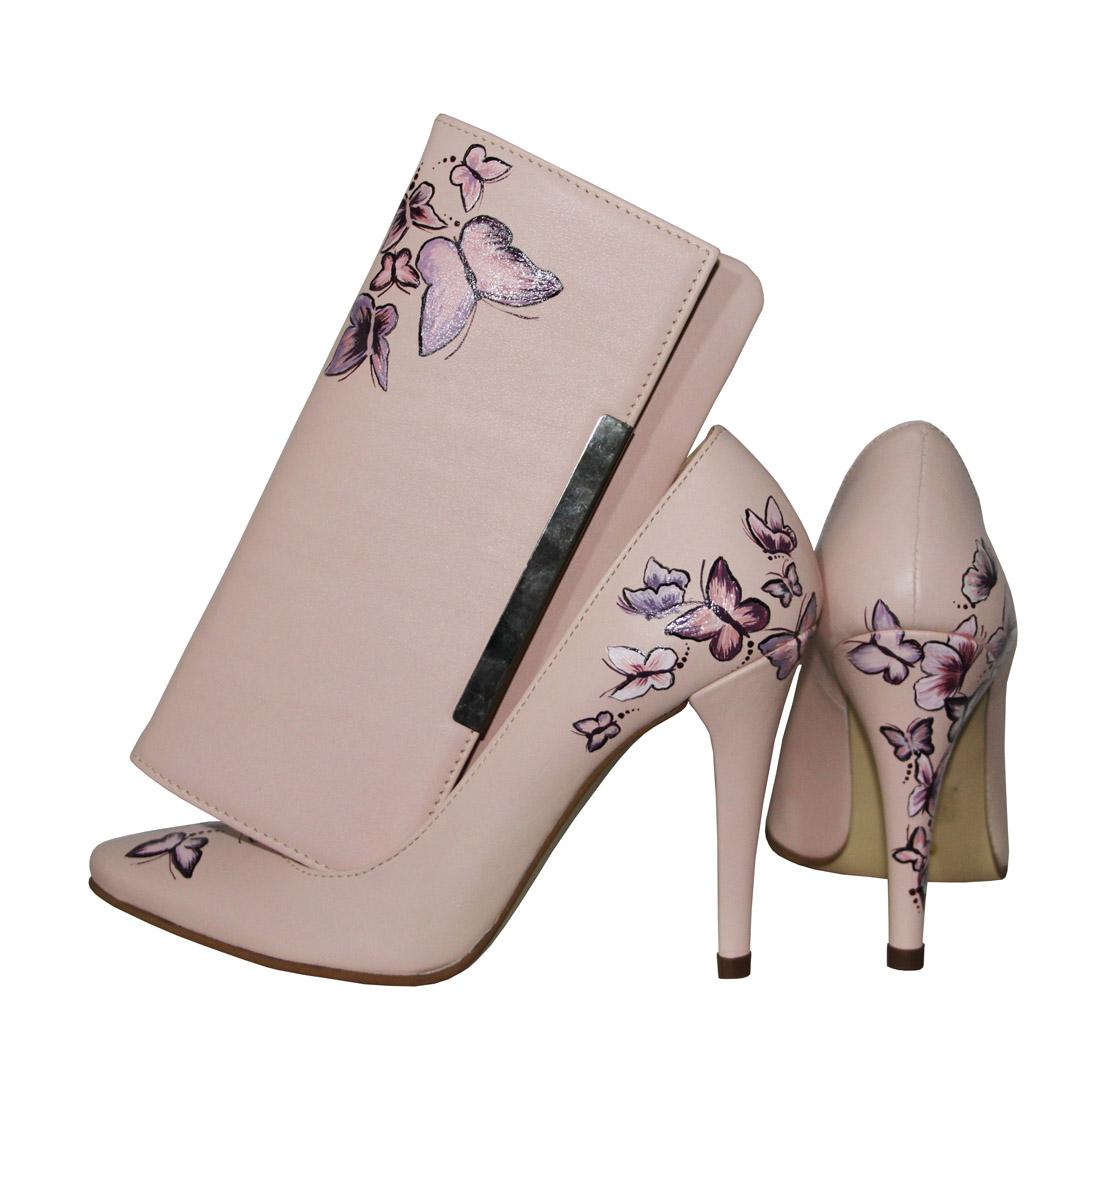 Pantofi Roz Pal Model Fluturasi